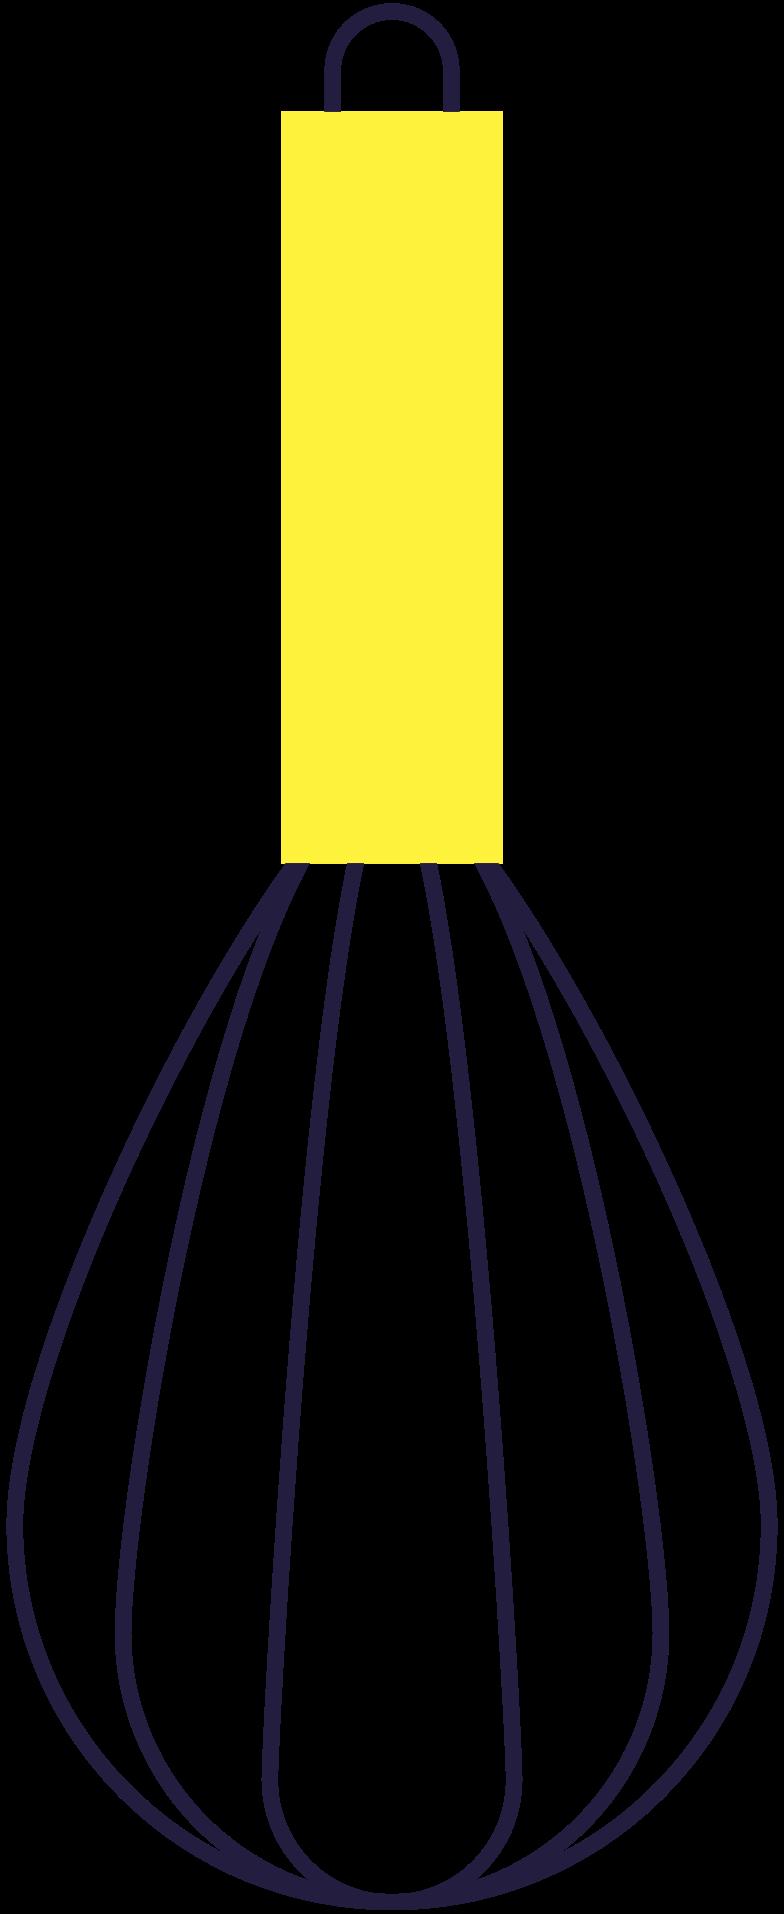 wisk Clipart illustration in PNG, SVG